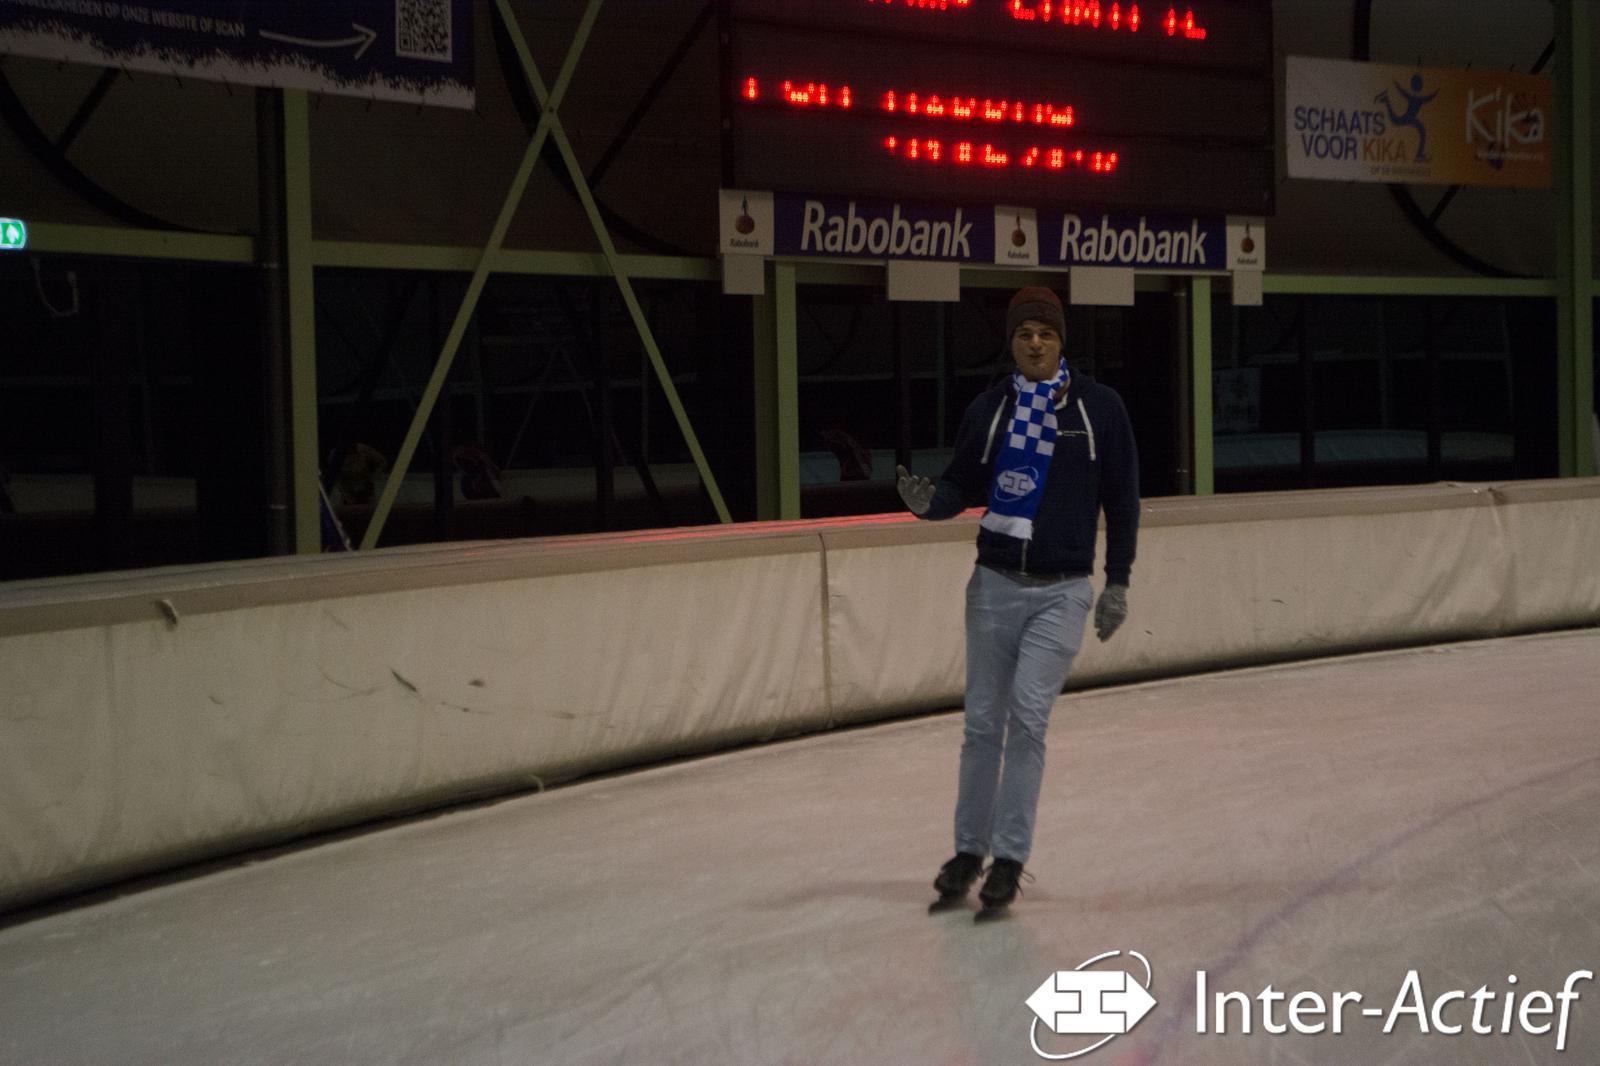 IceSkating20200116_NielsdeGroot-63.jpg